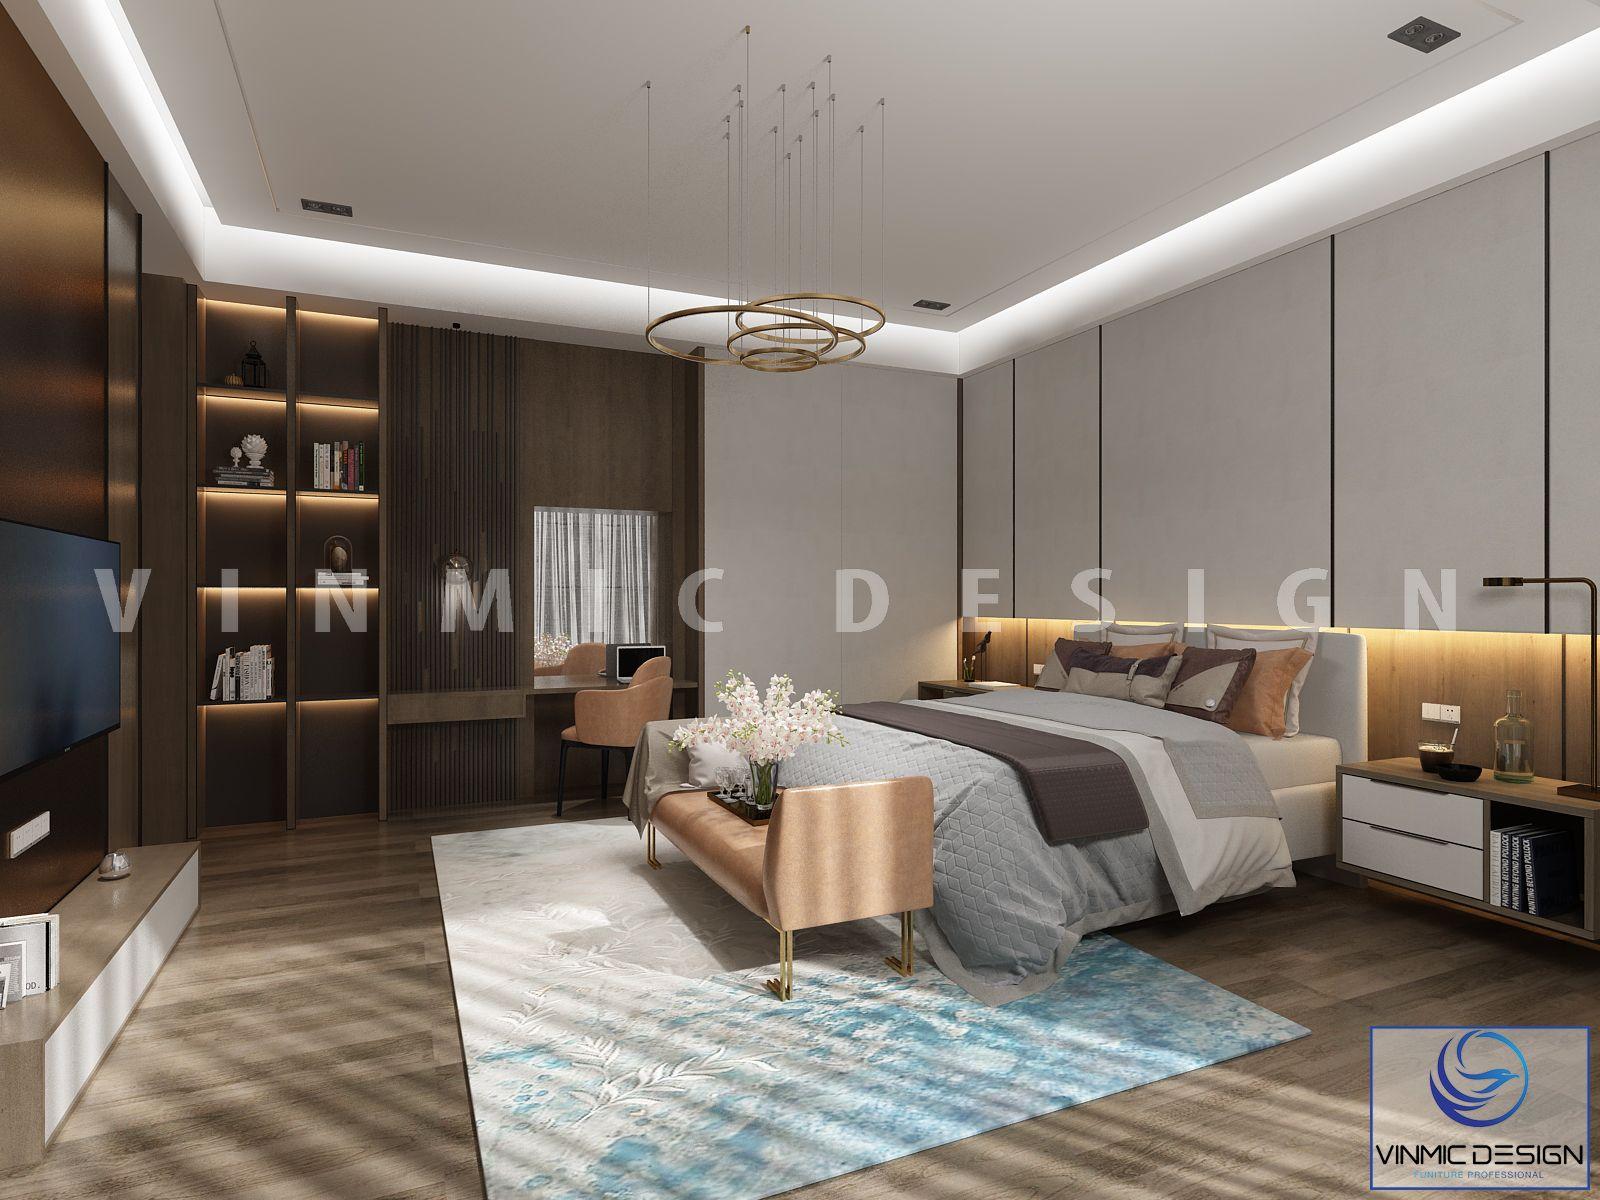 Thiết kế nội thất phòng ngủ master sang trọng, đầy đủ công năng cho mẫu thiết kế nhà phố 2 tầng tại Hải Phòng